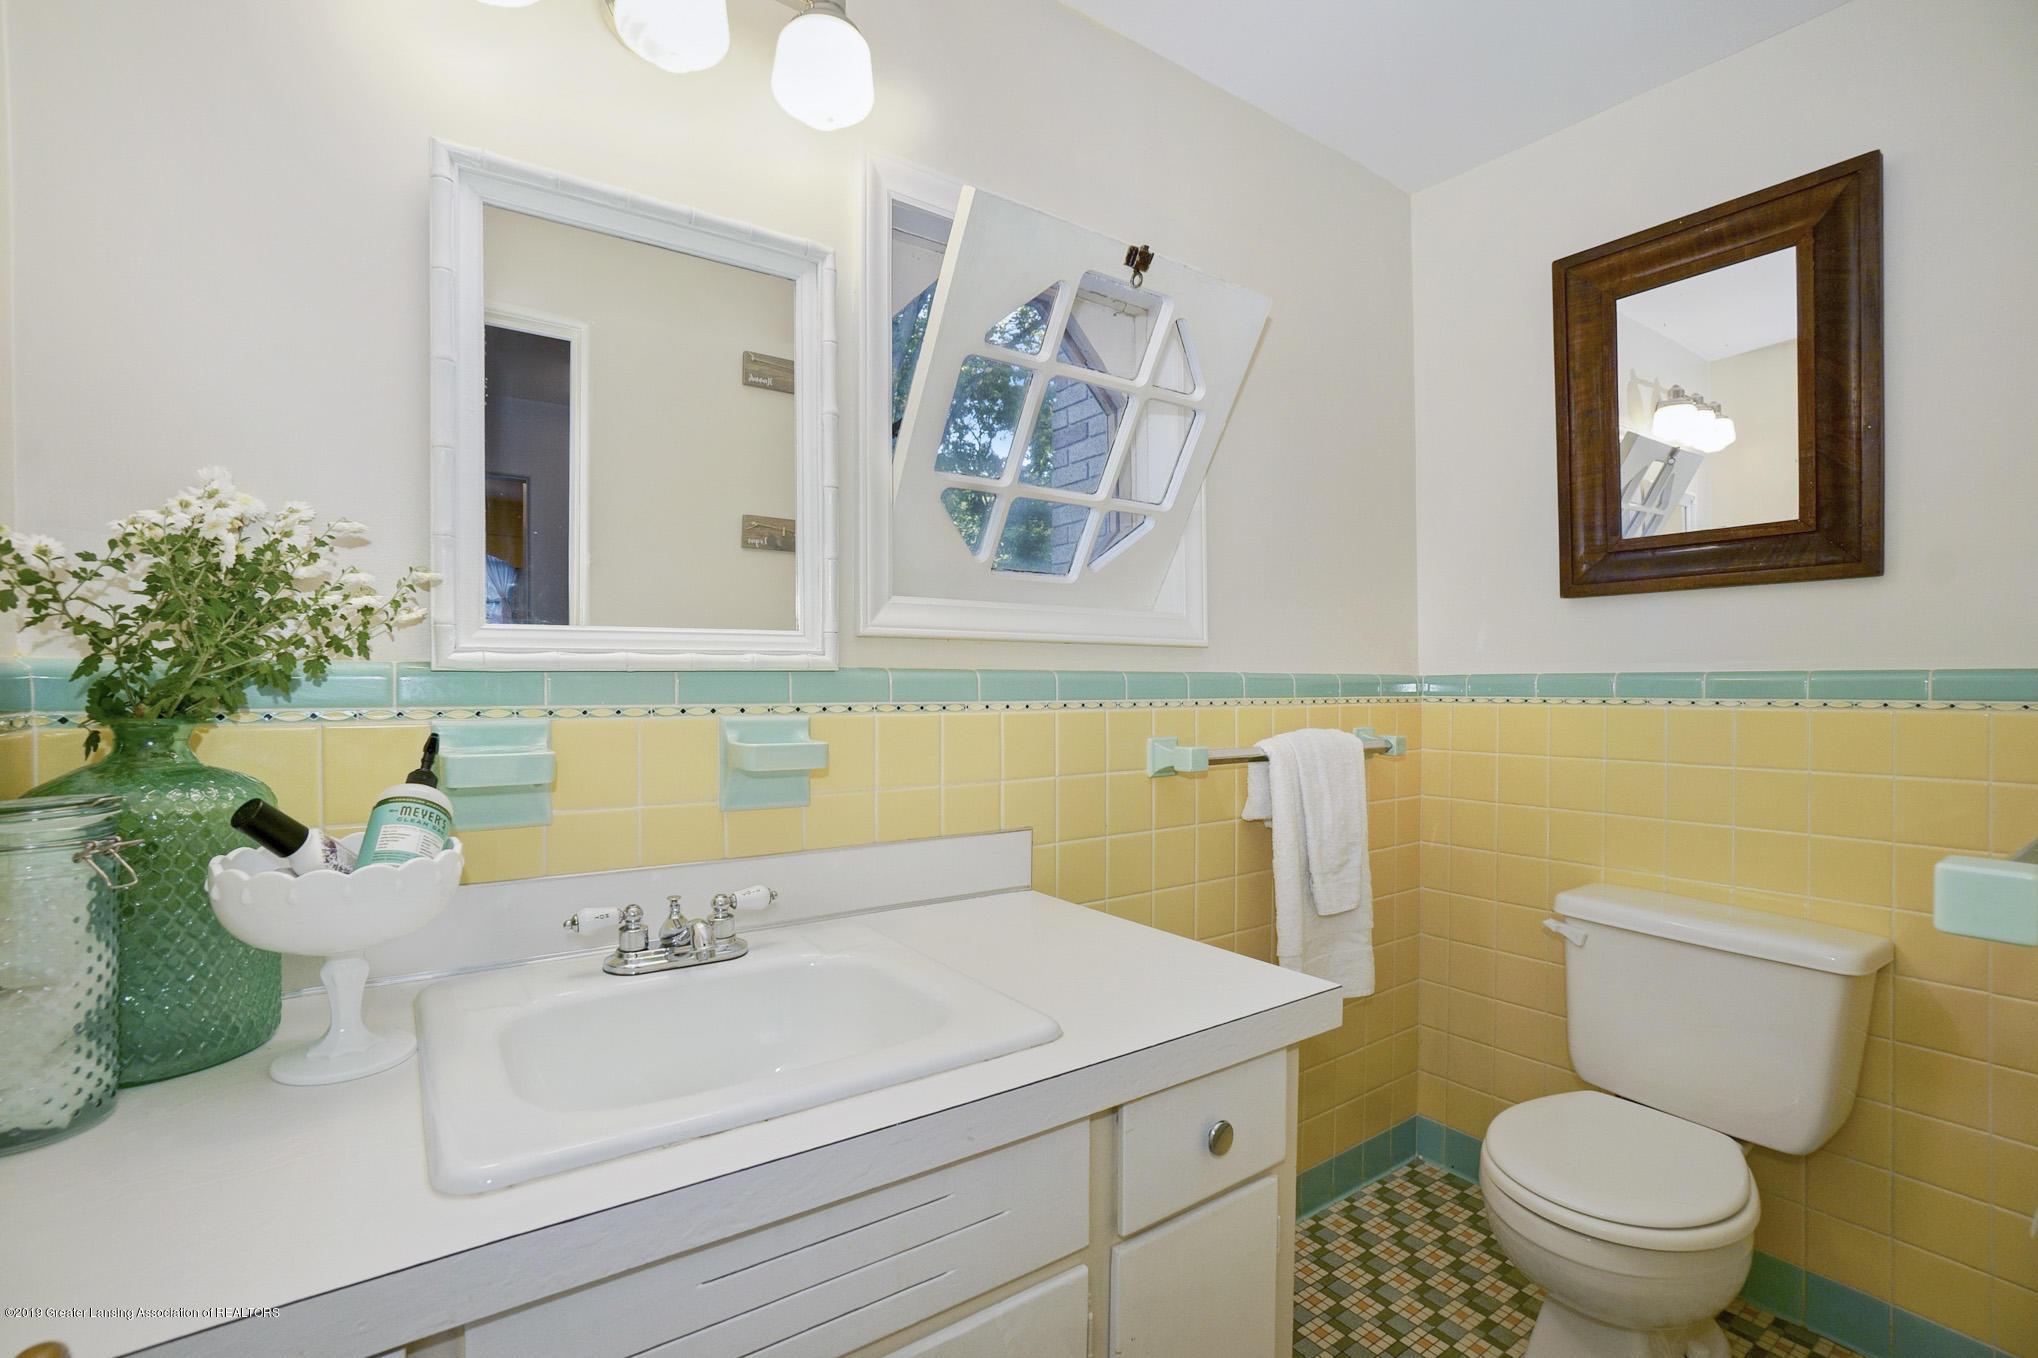 4591 Nakoma Dr - Bathroom - 23